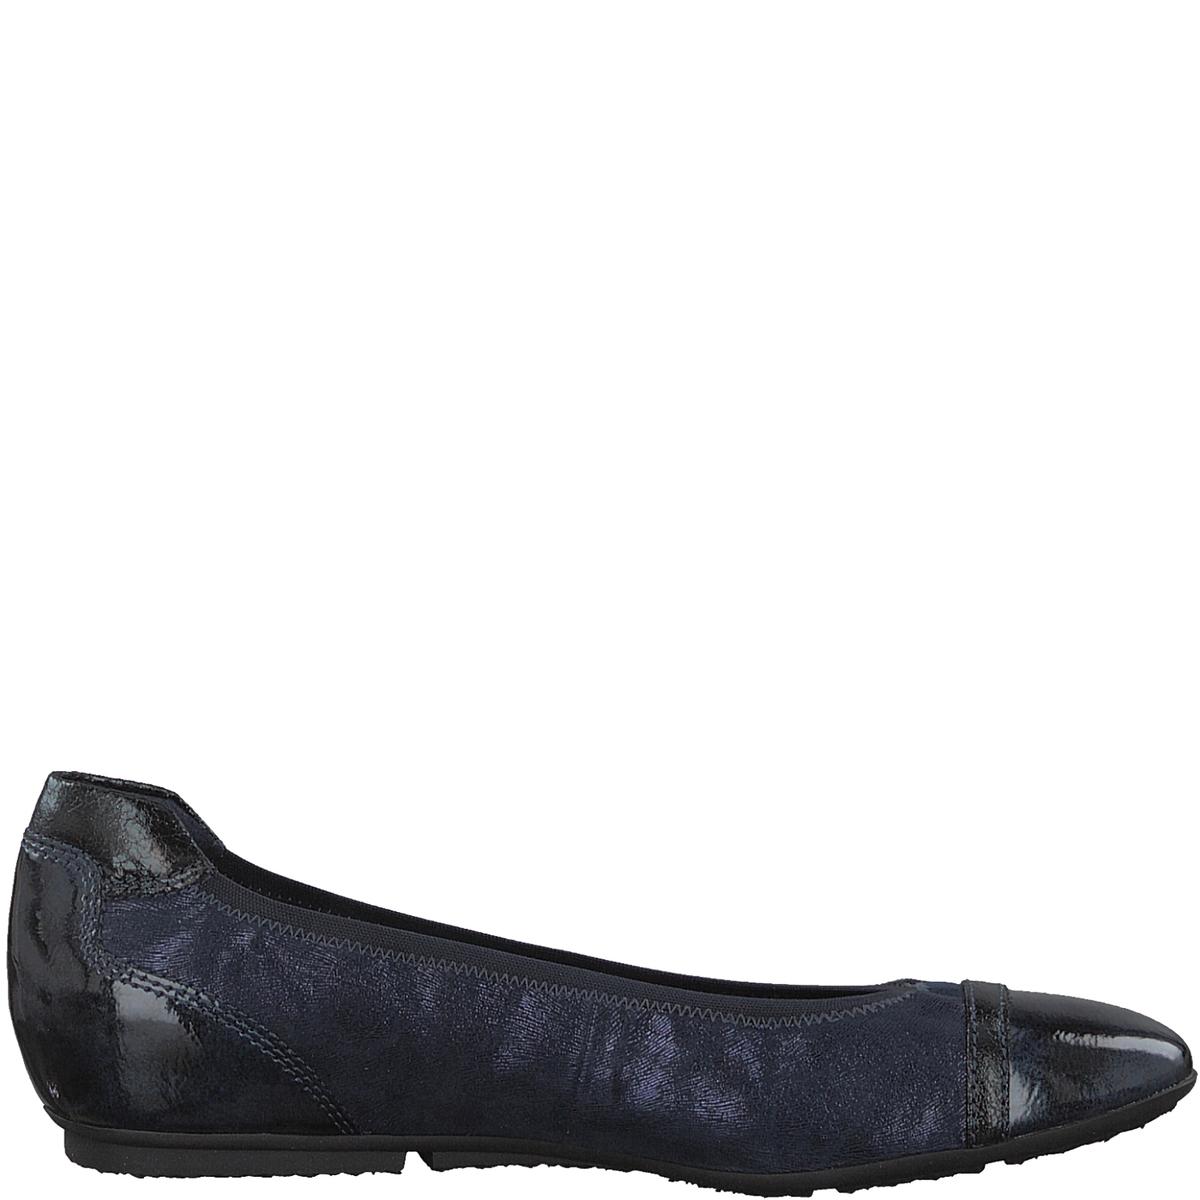 Балетки JoyaДетали •  Высота каблука : 1 см. •  Круглый мысок •  Застежка : без застежкиСостав и уход •  Верх  50% синтетического материала, 50% текстиля •  Подкладка 50% кожи, 50% текстиля<br><br>Цвет: синий морской,черный